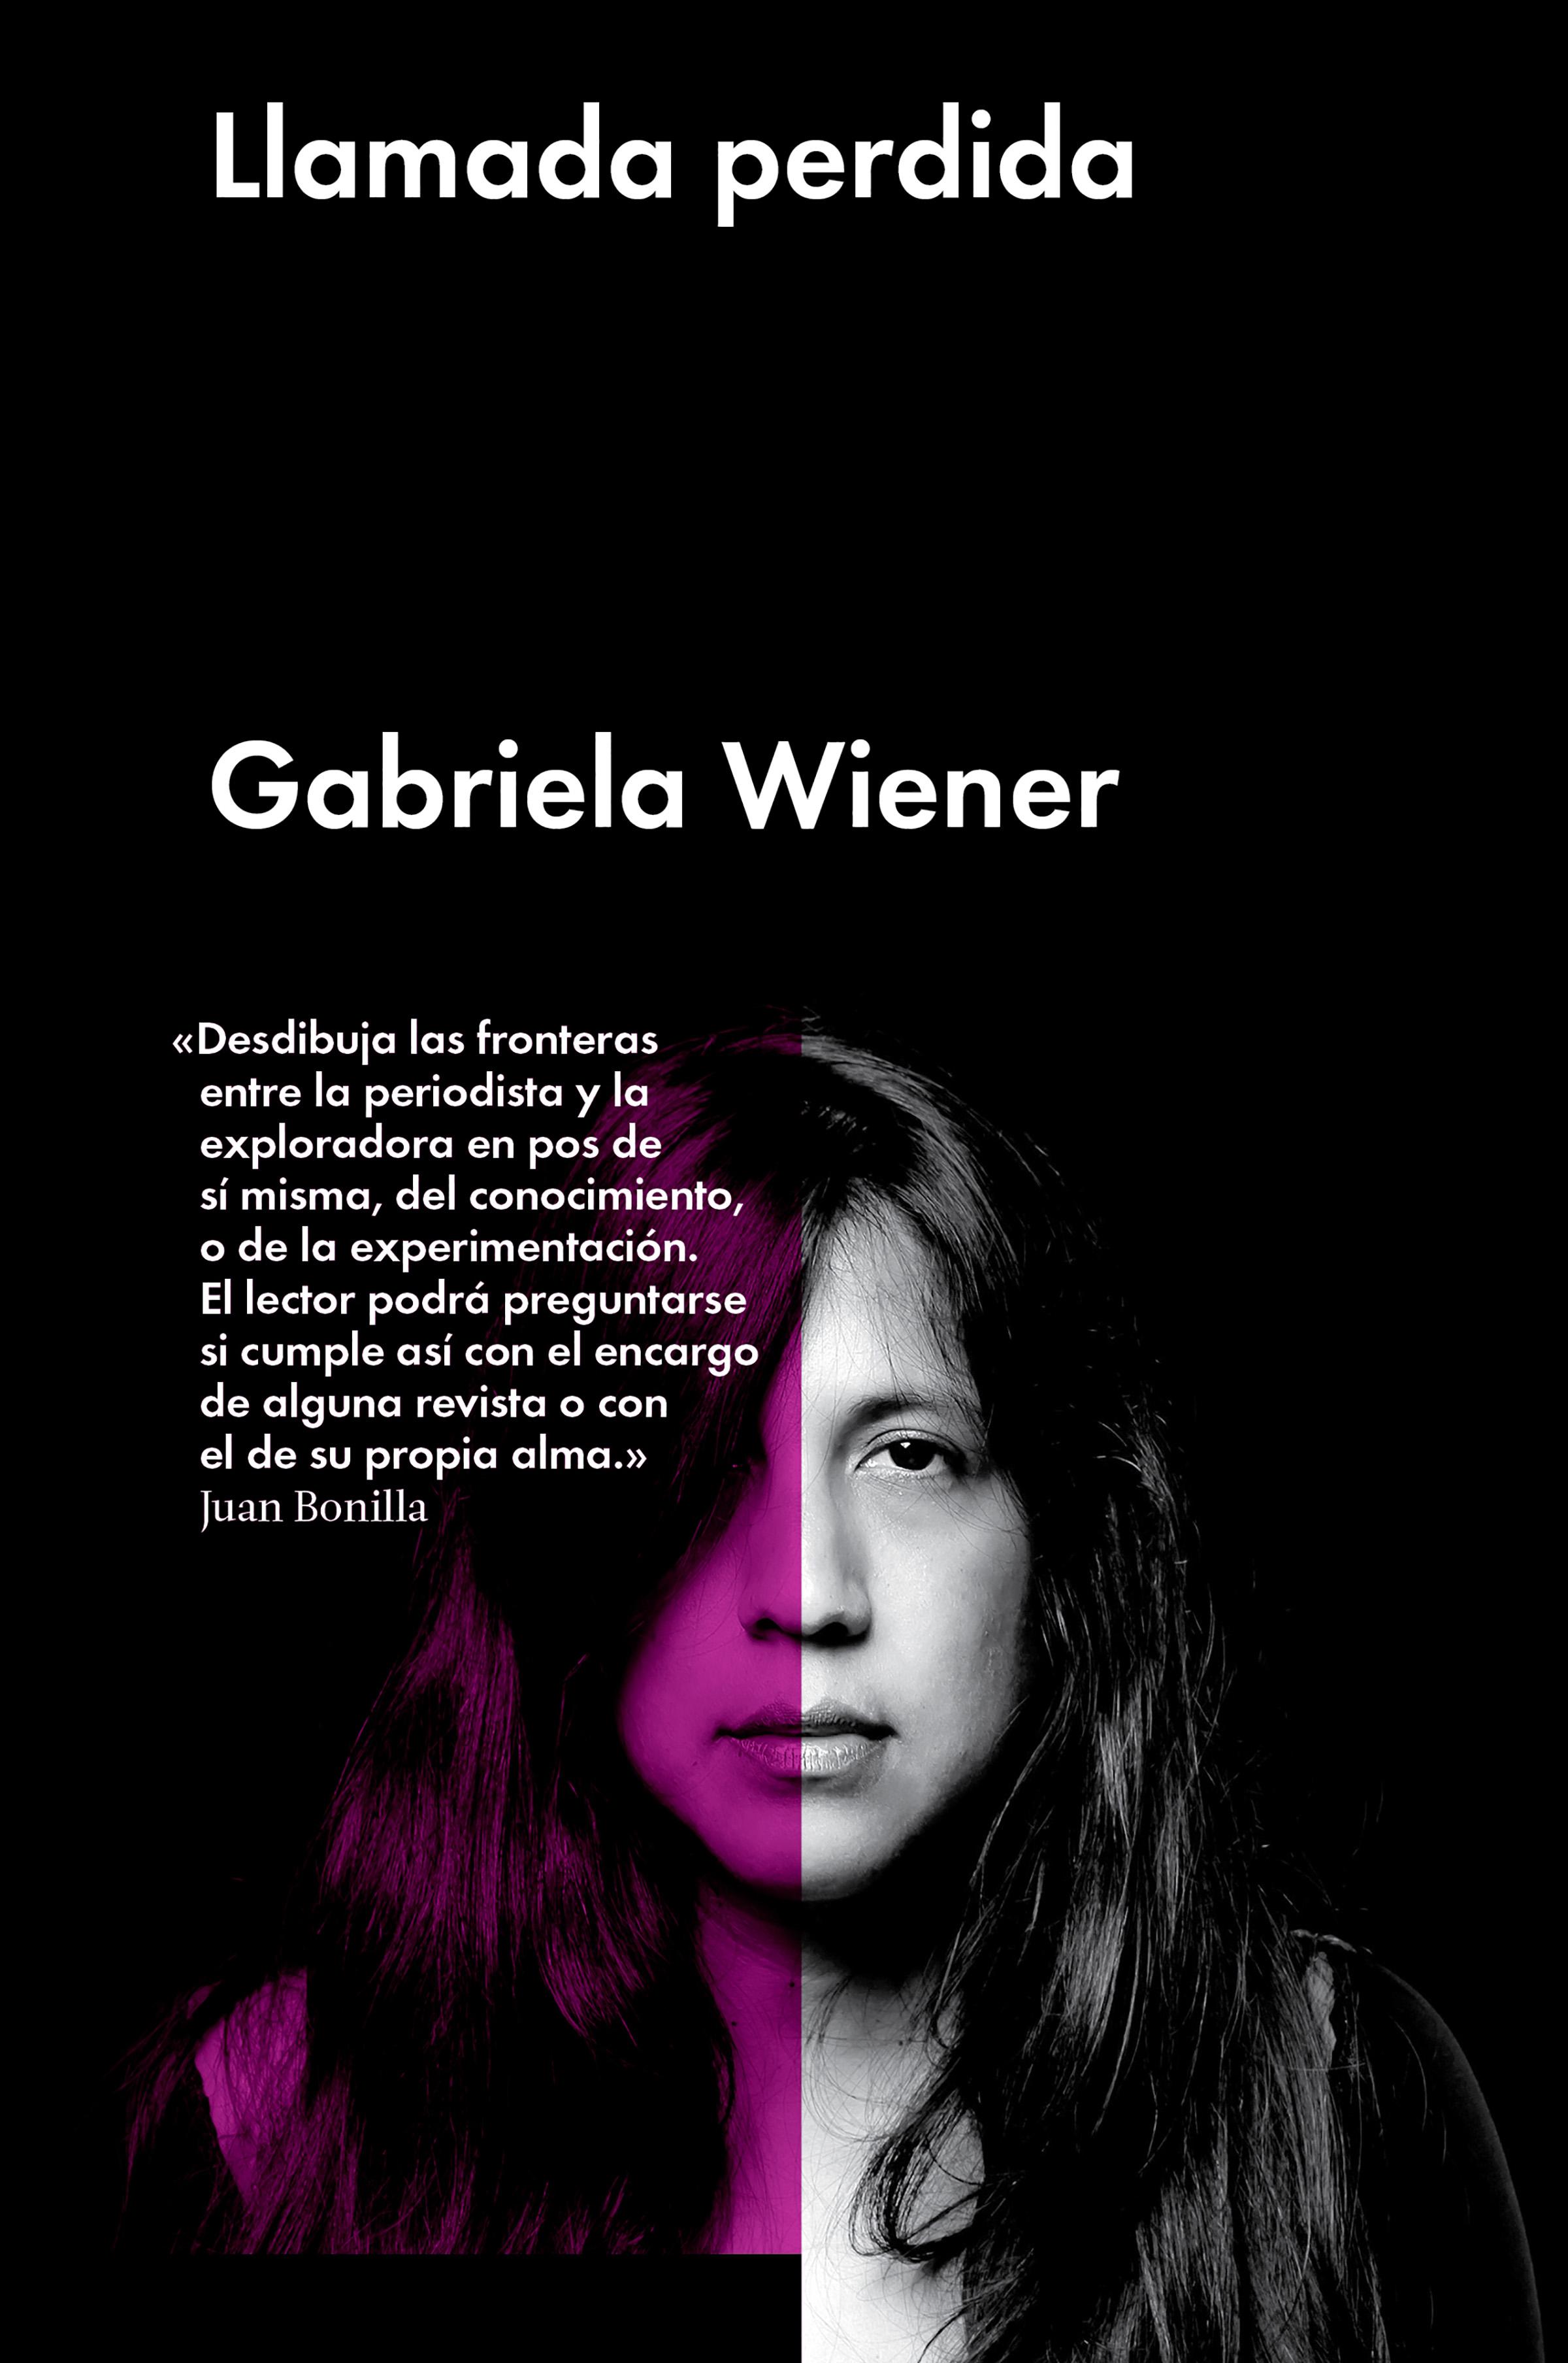 Gabriela Wiener Llamada perdida